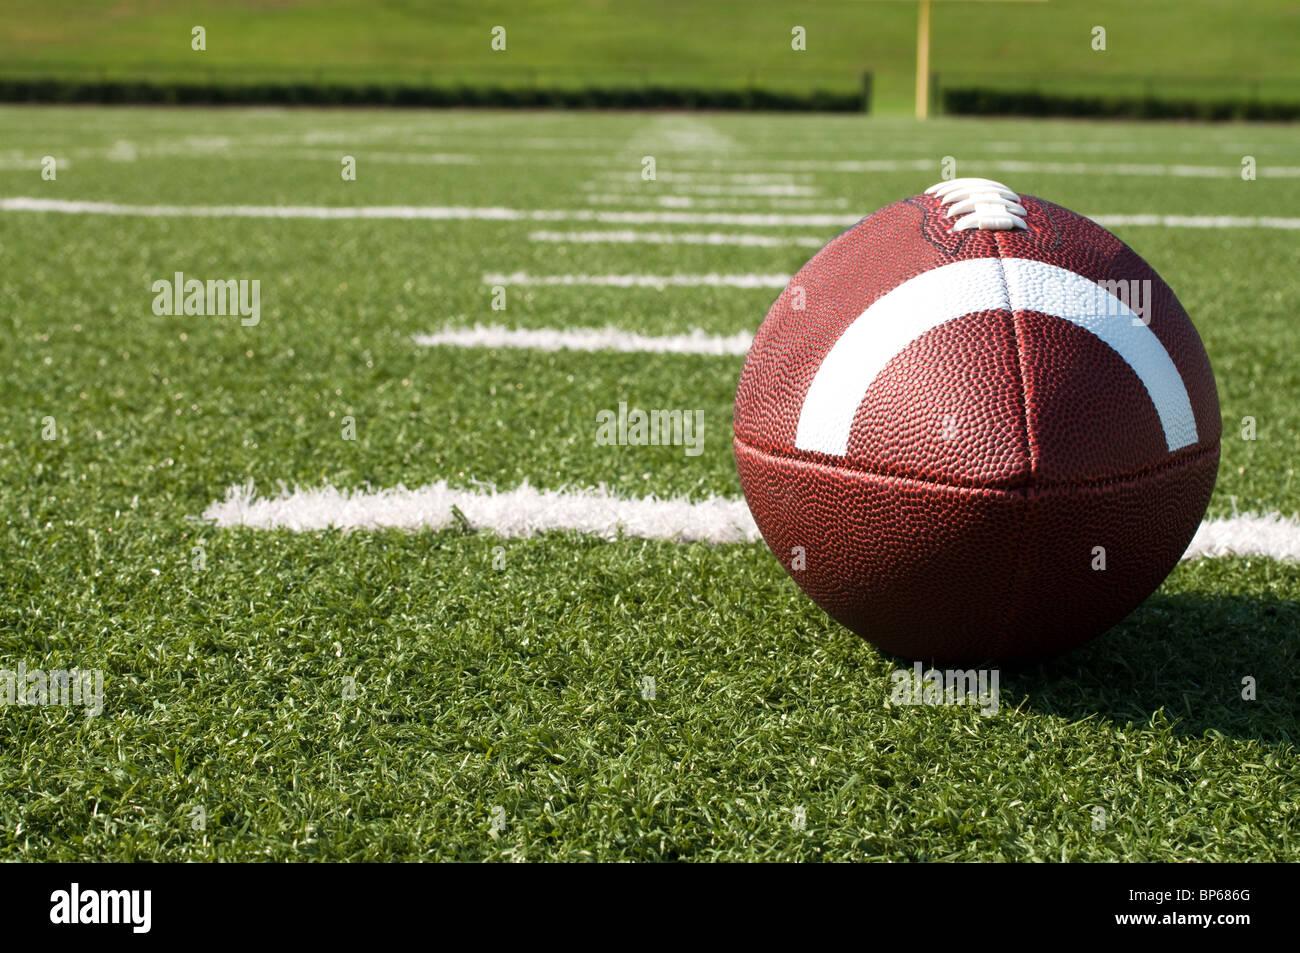 Primer plano del fútbol americano en el campo. Imagen De Stock